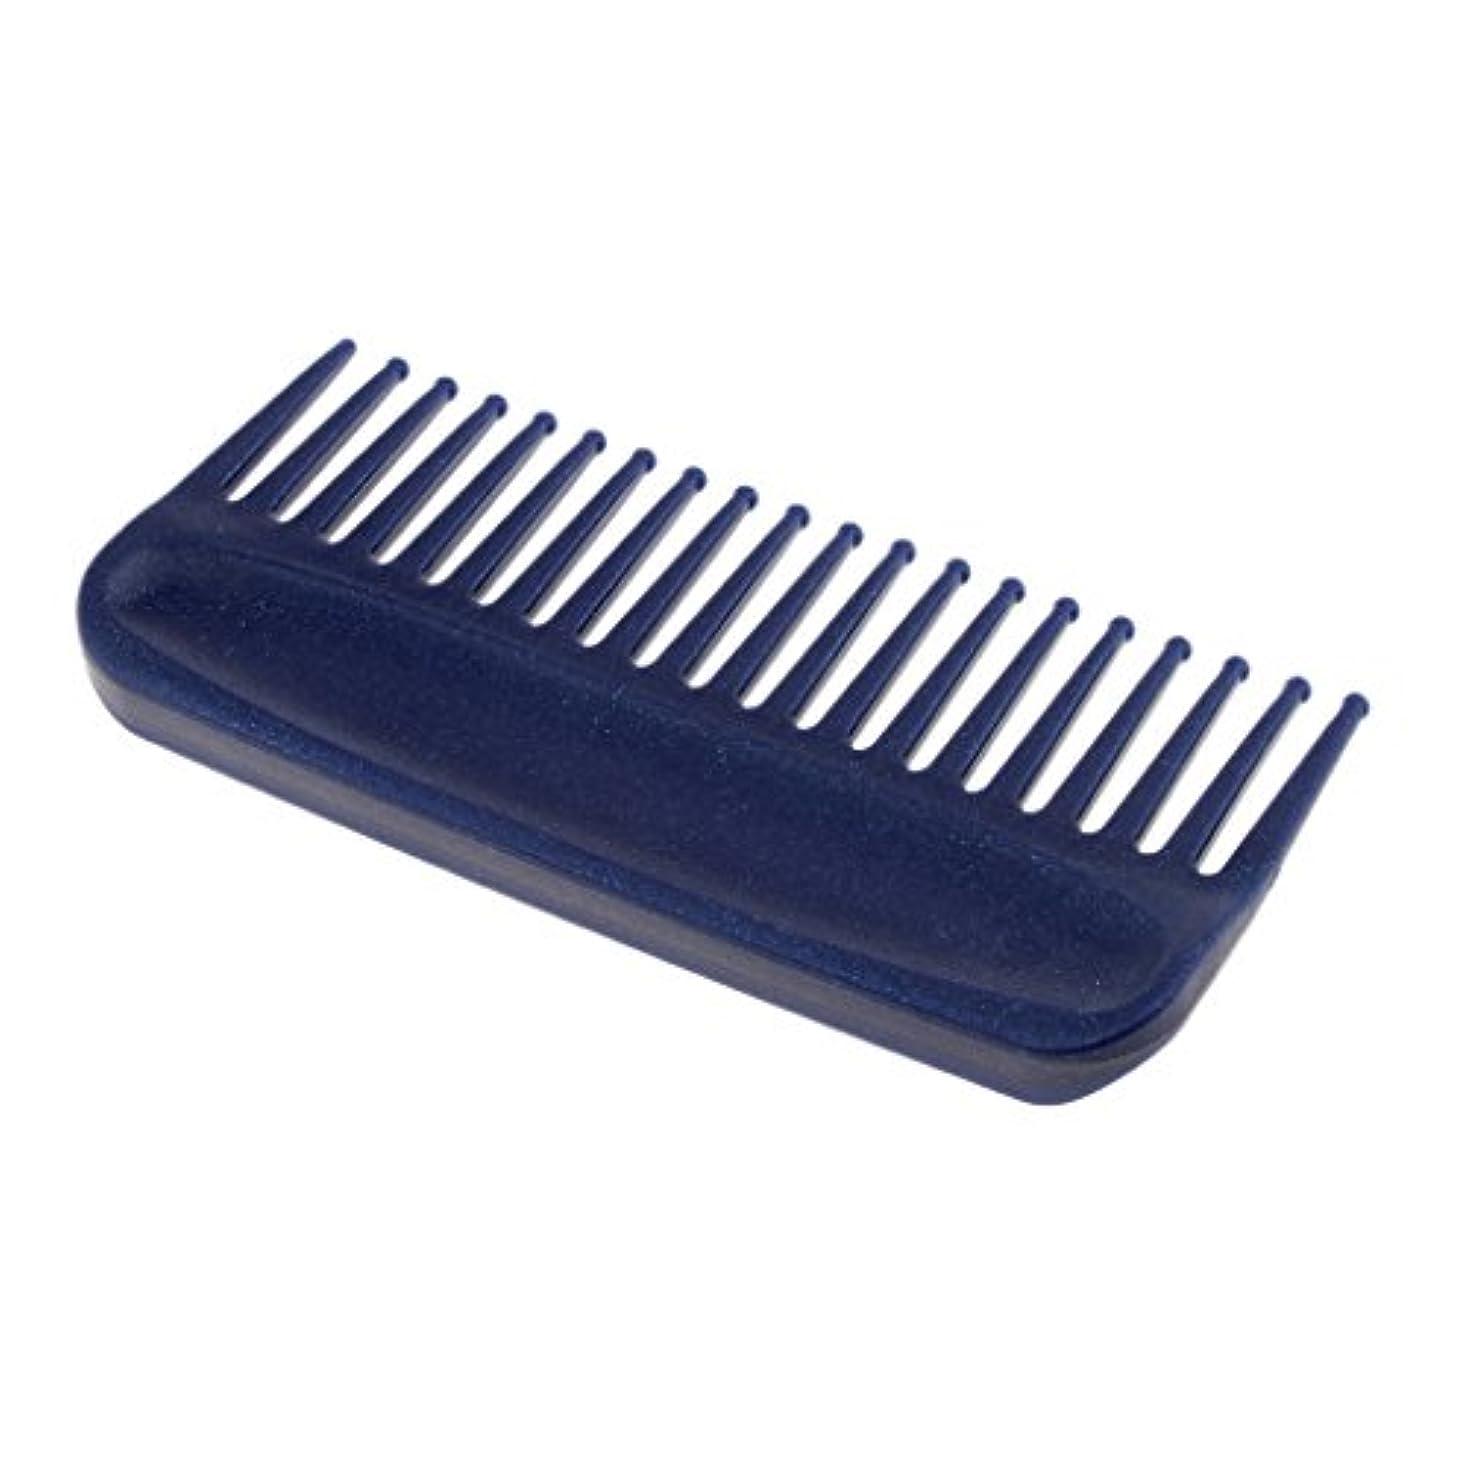 不器用合計本会議Injoyo サロンヘアケアもつれを解く髪の櫛、ヘアブラシアンチスタティック広歯櫛ポケット6 - 青